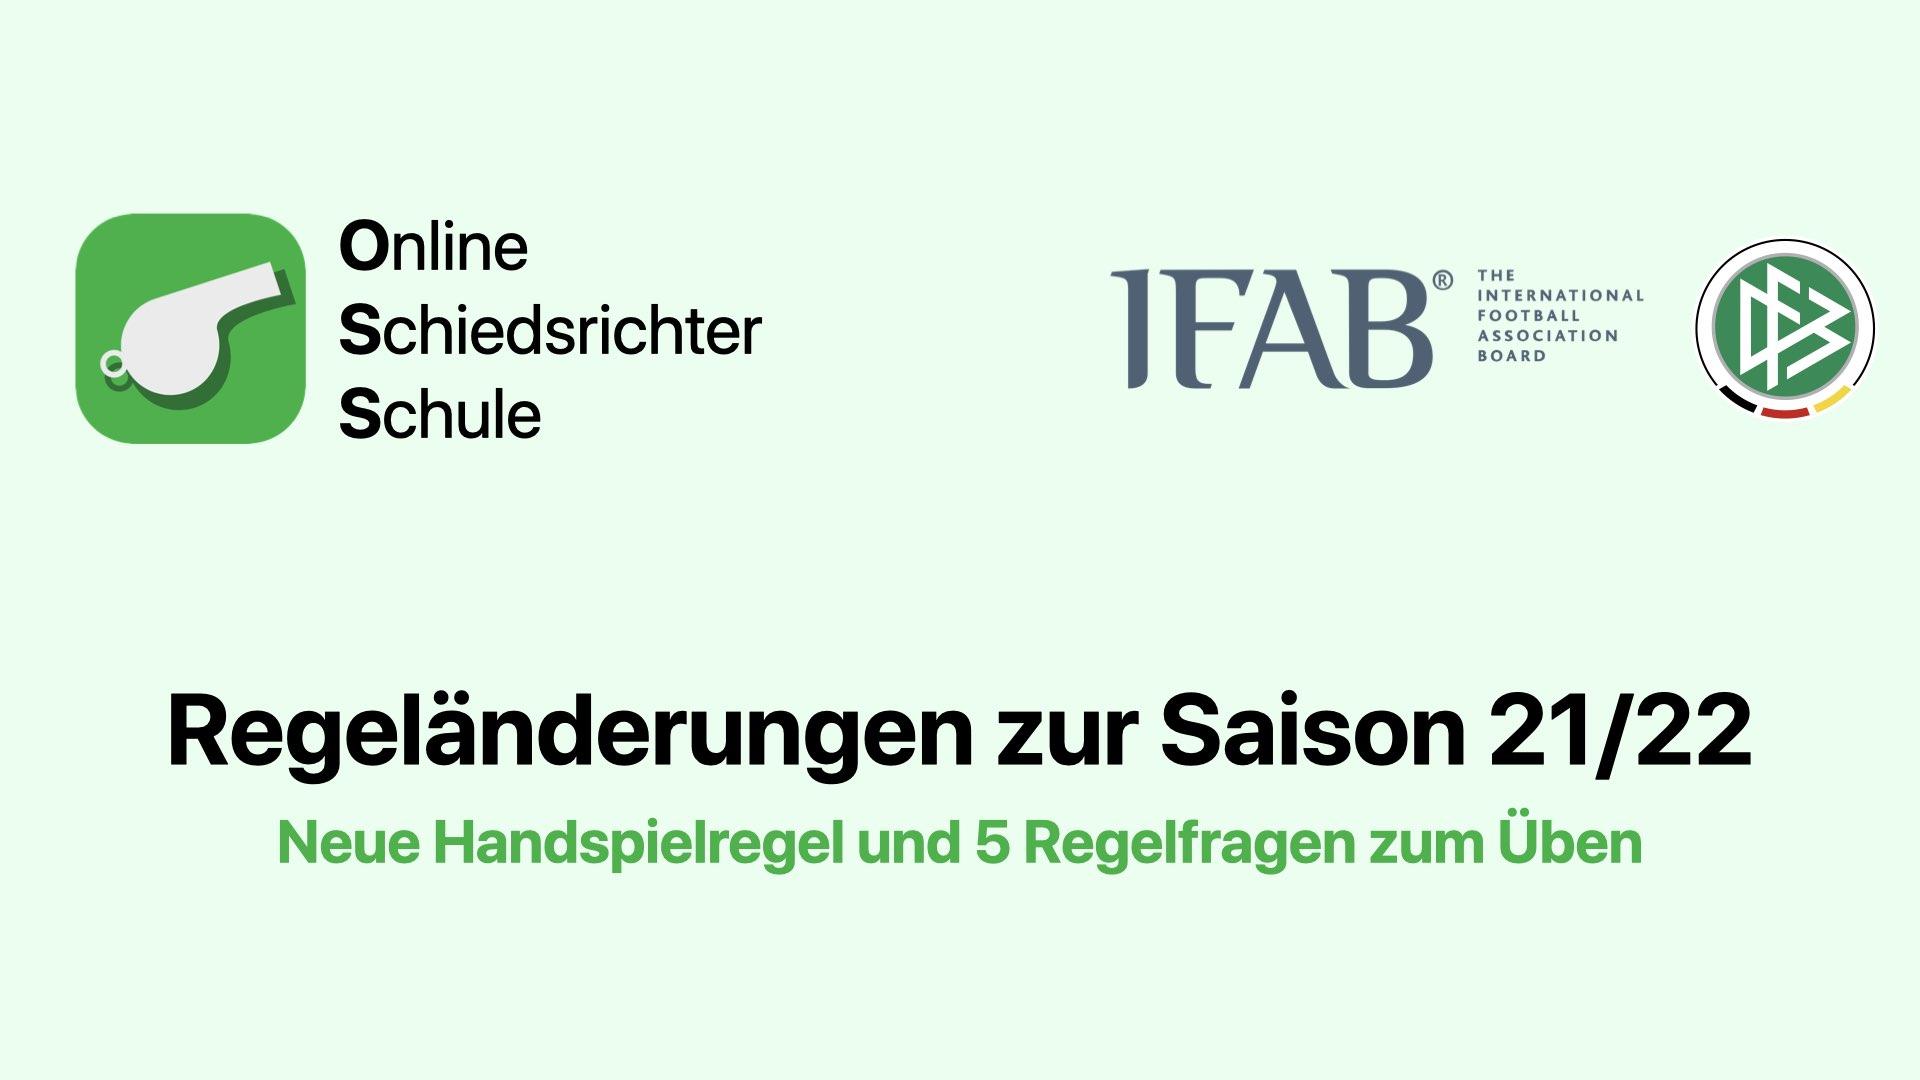 DFB Fußball Regeländerungen zur Saison 21/22. Neue Handspiel Regel und 5 Schiedsrichter Regelfragen zum Üben. Online Schiedsrichter Schule, IFAB, DFB.